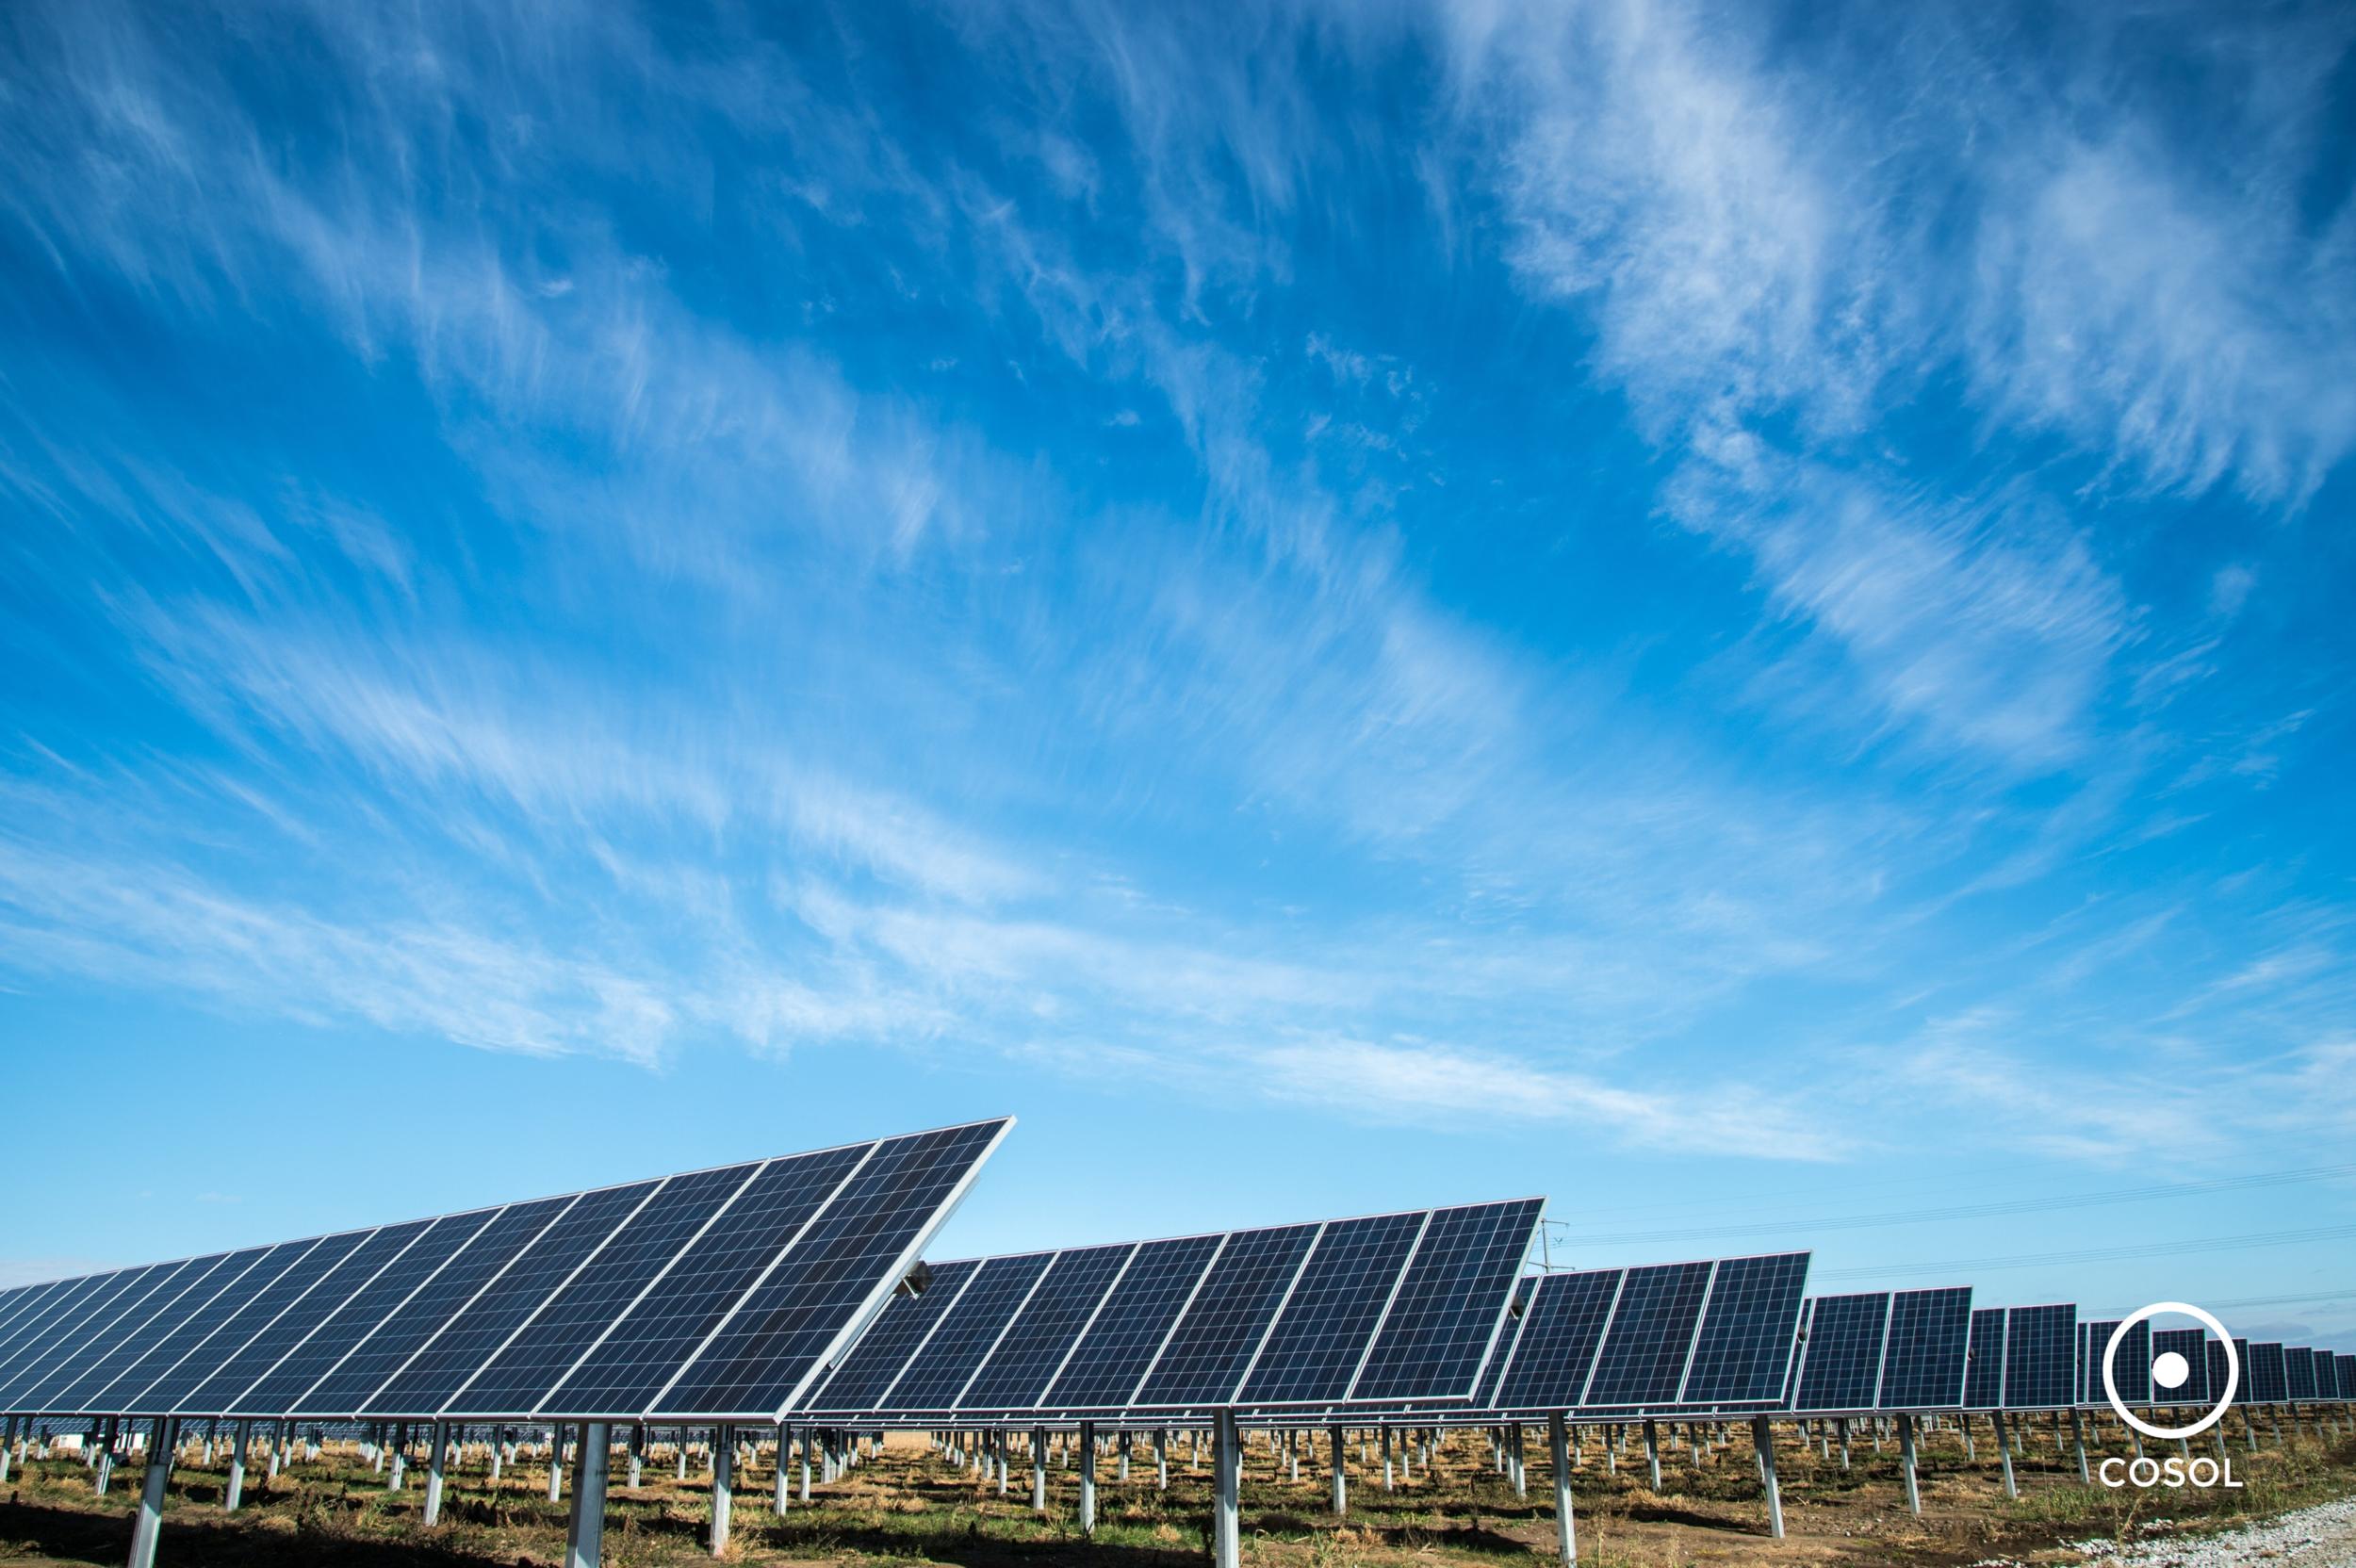 Resultado de imagem para Manutenção das regras de geração distribuída solar fotovoltaica irá injetar mais de R$ 25 bilhões em arrecadação aos cofres públicos no País